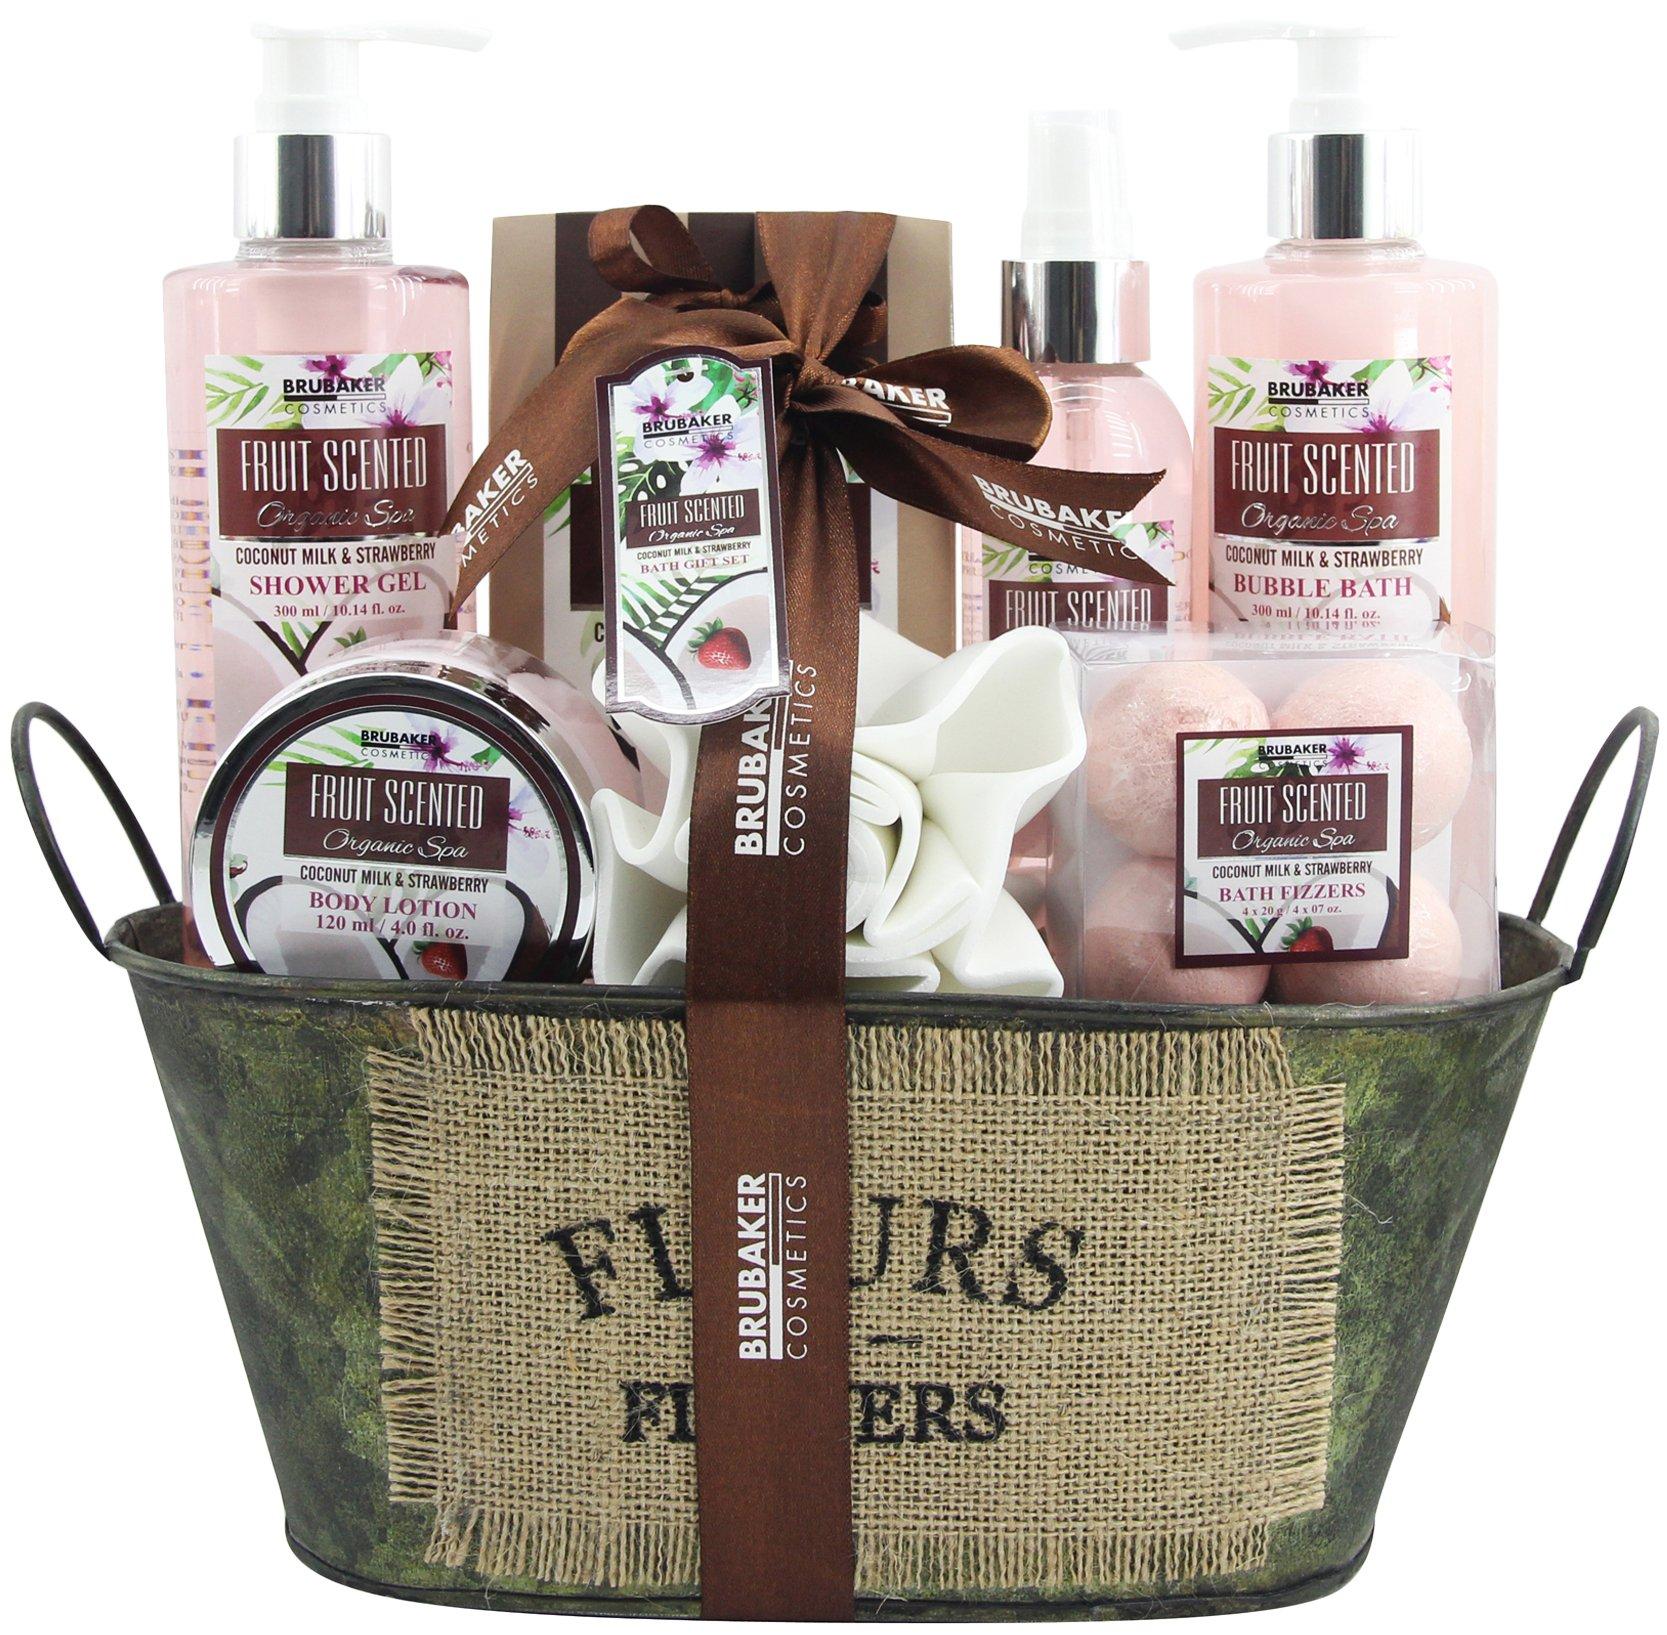 BRUBAKER Cosmetics Bade- und Dusch Set Kokosnuss & Erdbeer Duft - 10-teiliges Geschenkset in Vintage Wanne 8